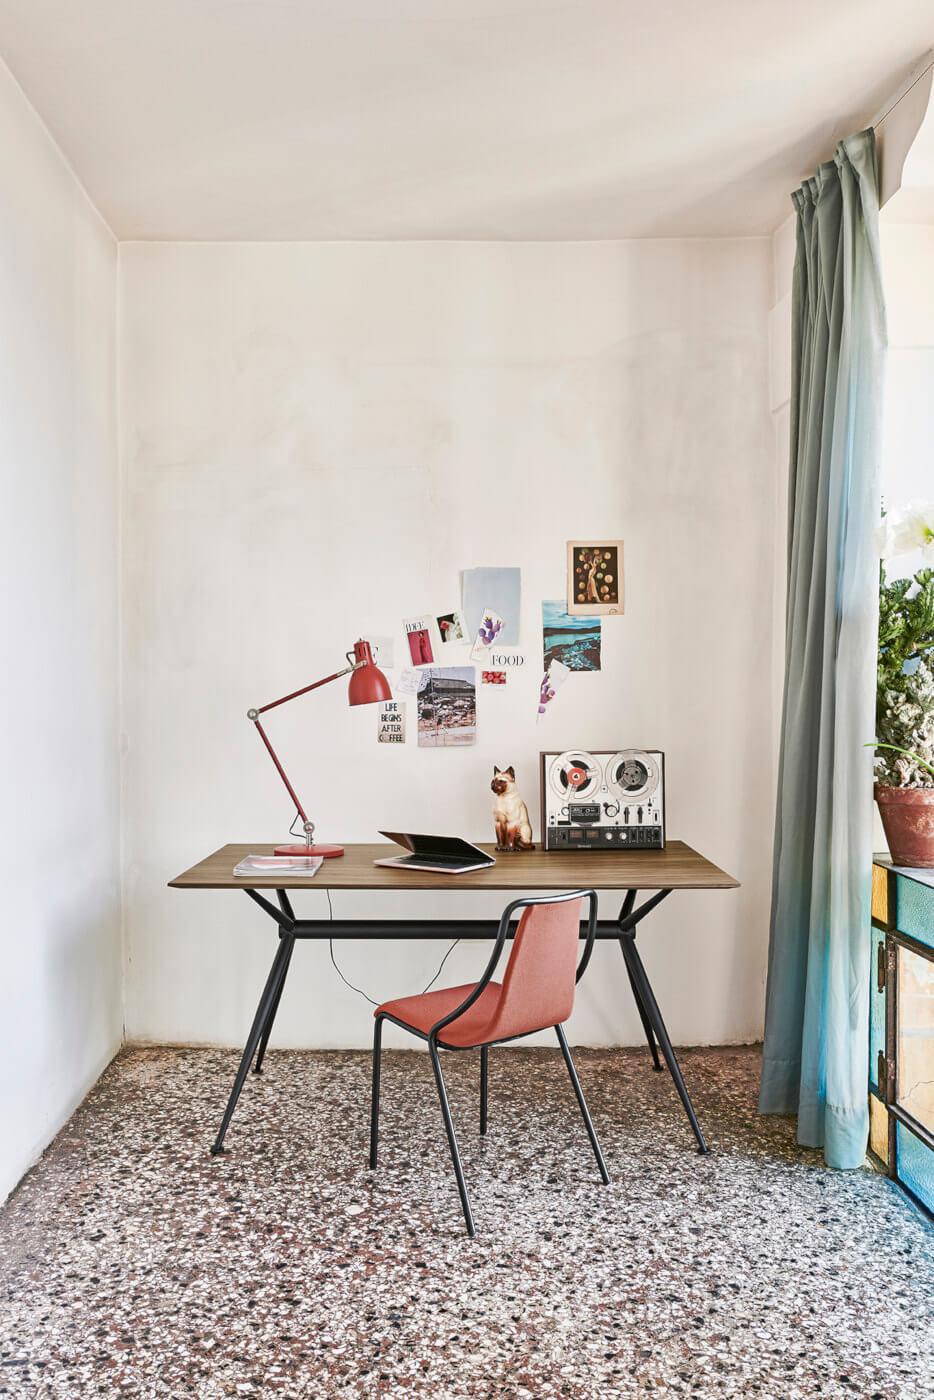 Sedia per ufficio Ola con seduta in tessuto rosso e base in metallo nero